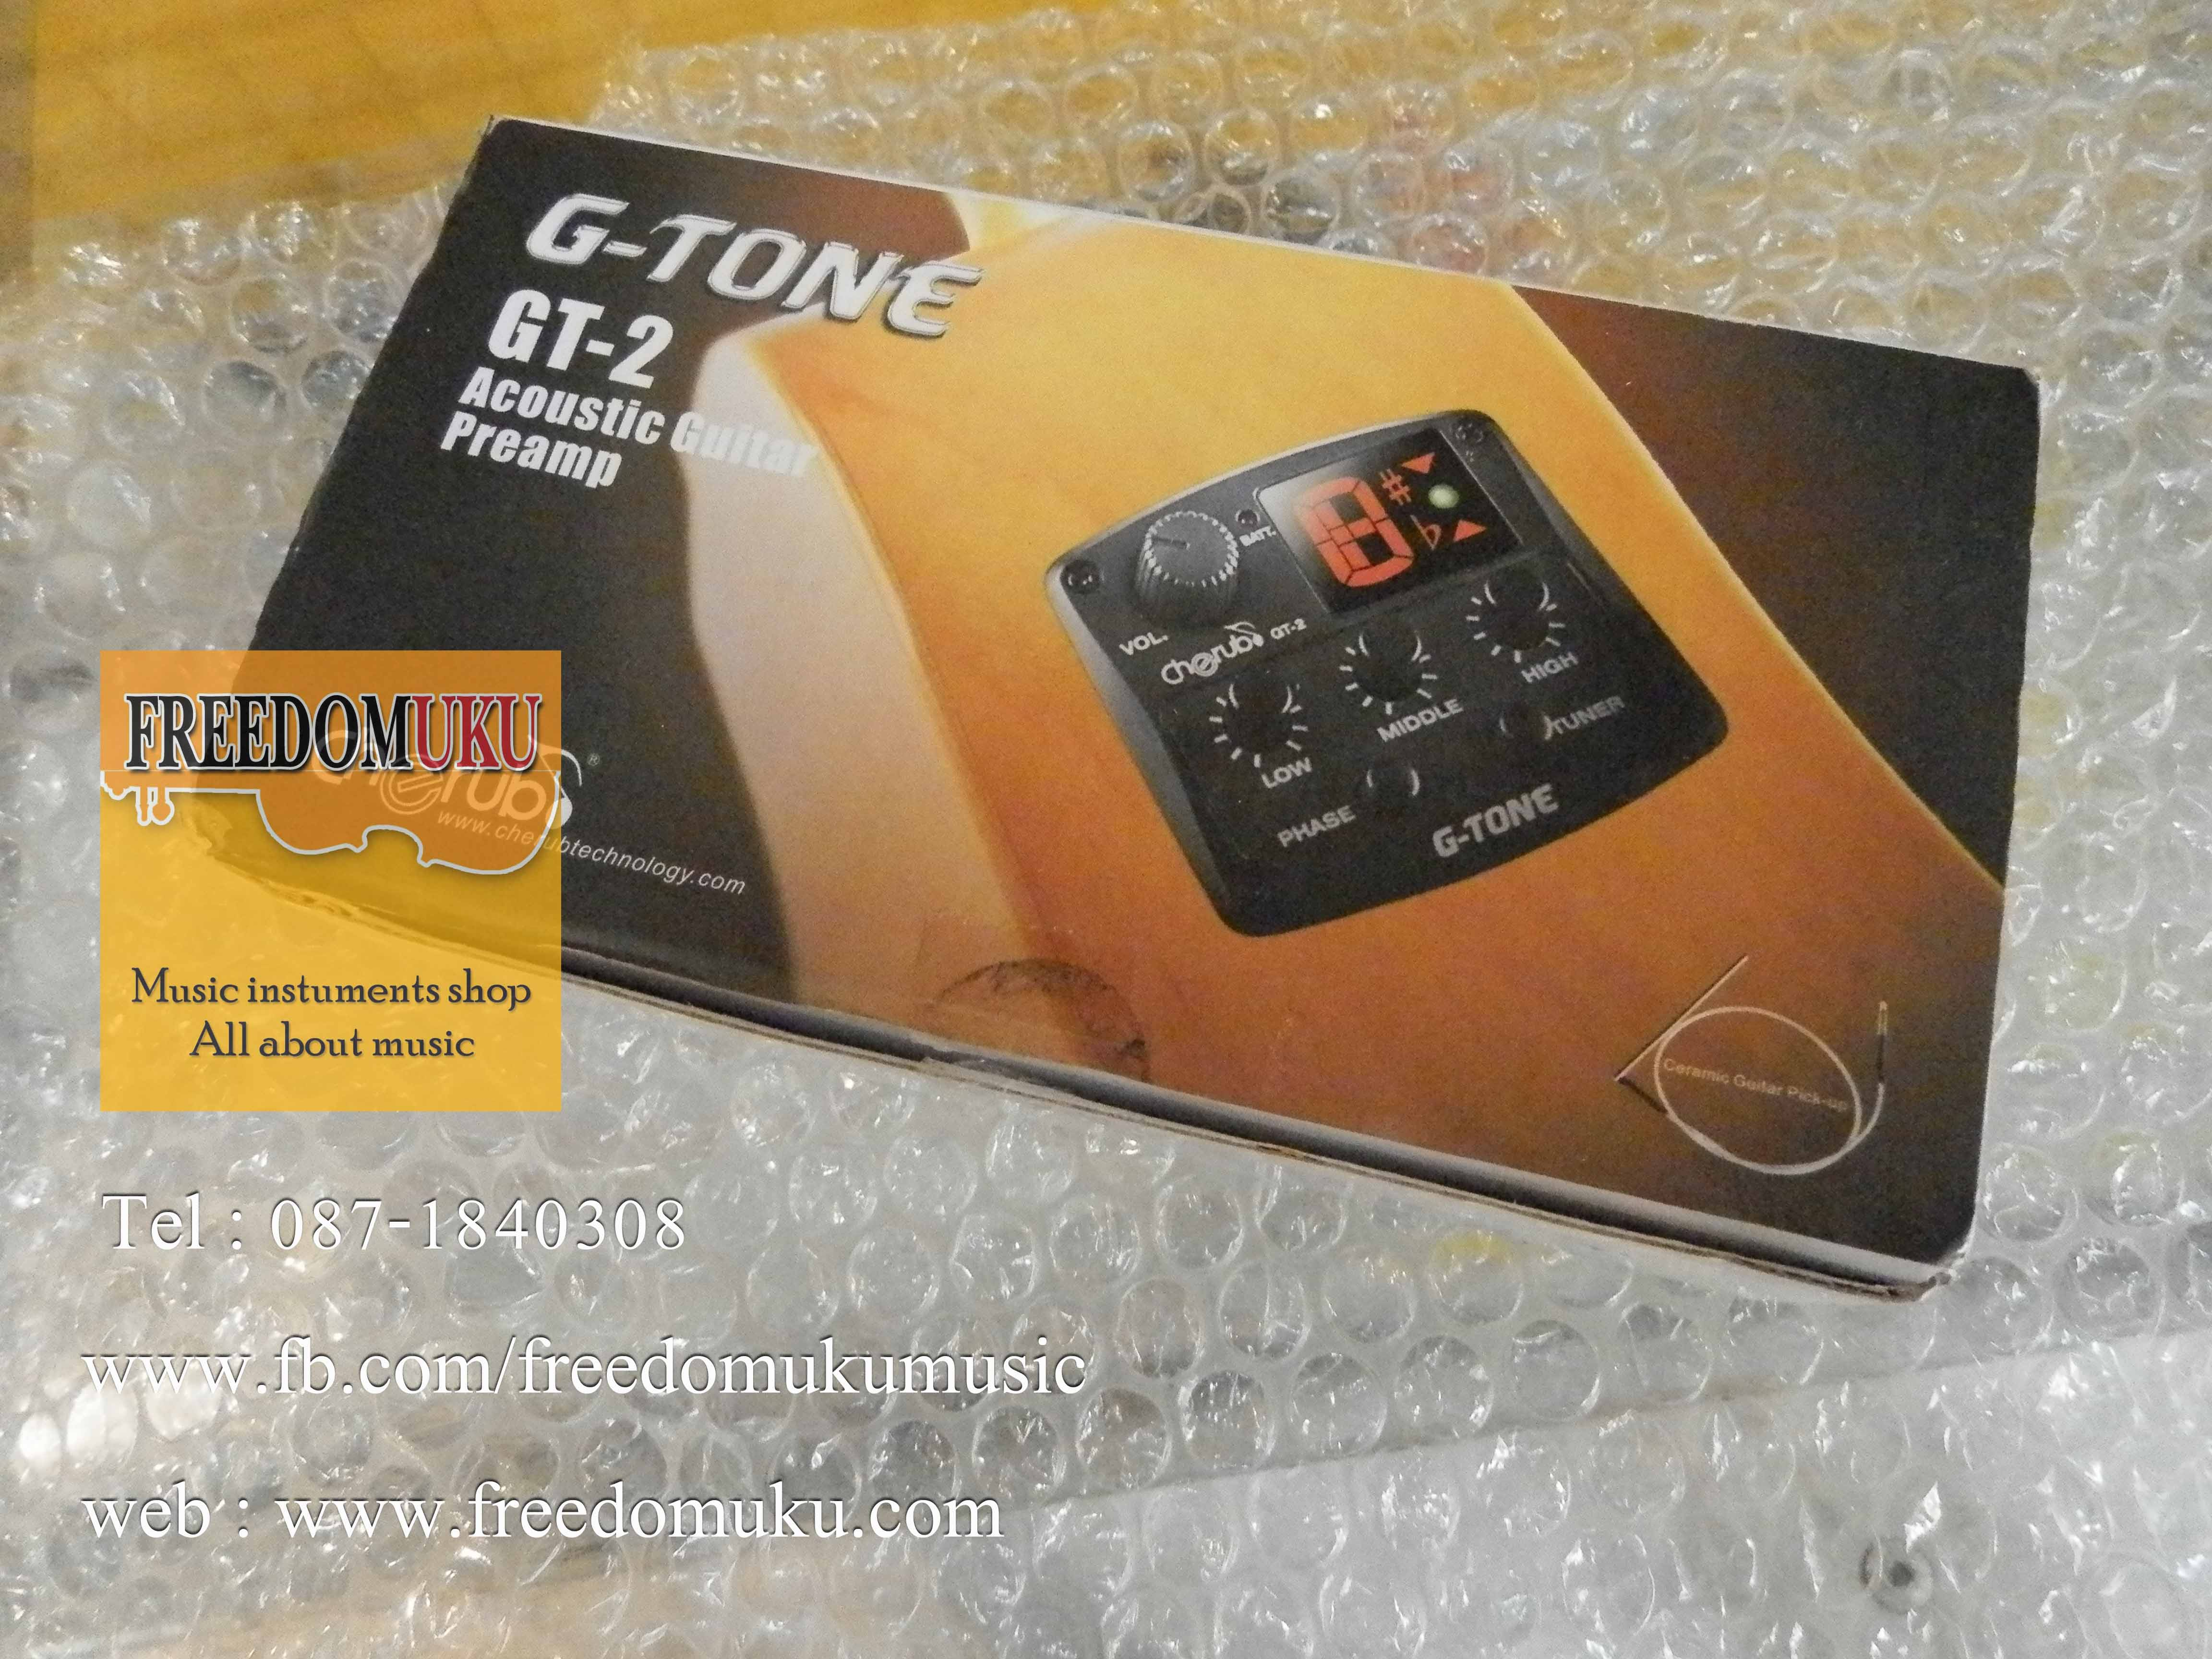 G-Tone GT-2